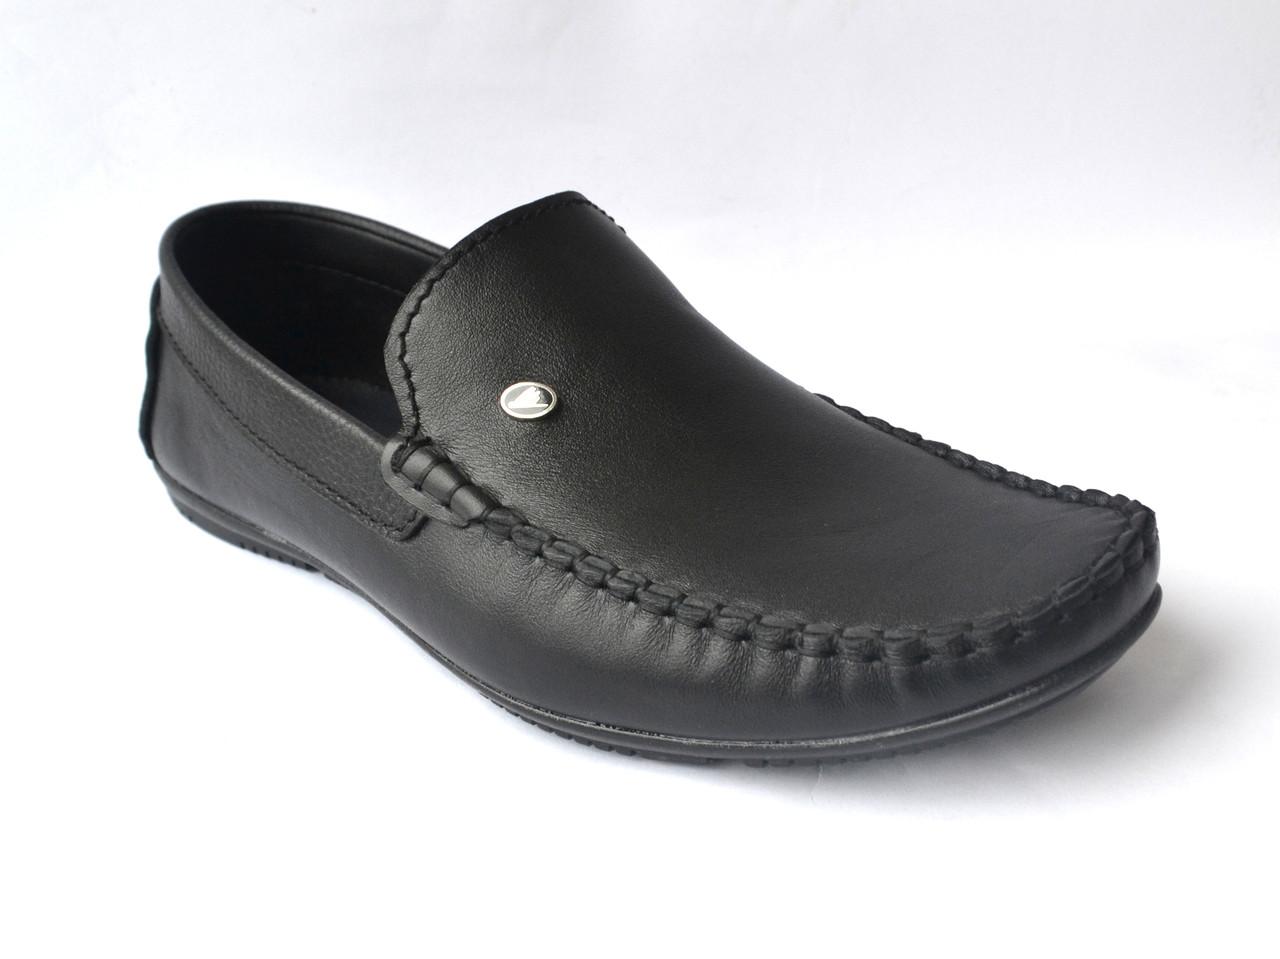 Мужские мокасины кожаные черные стильные обувь больших размеров Rosso Avangard BS M4 Black